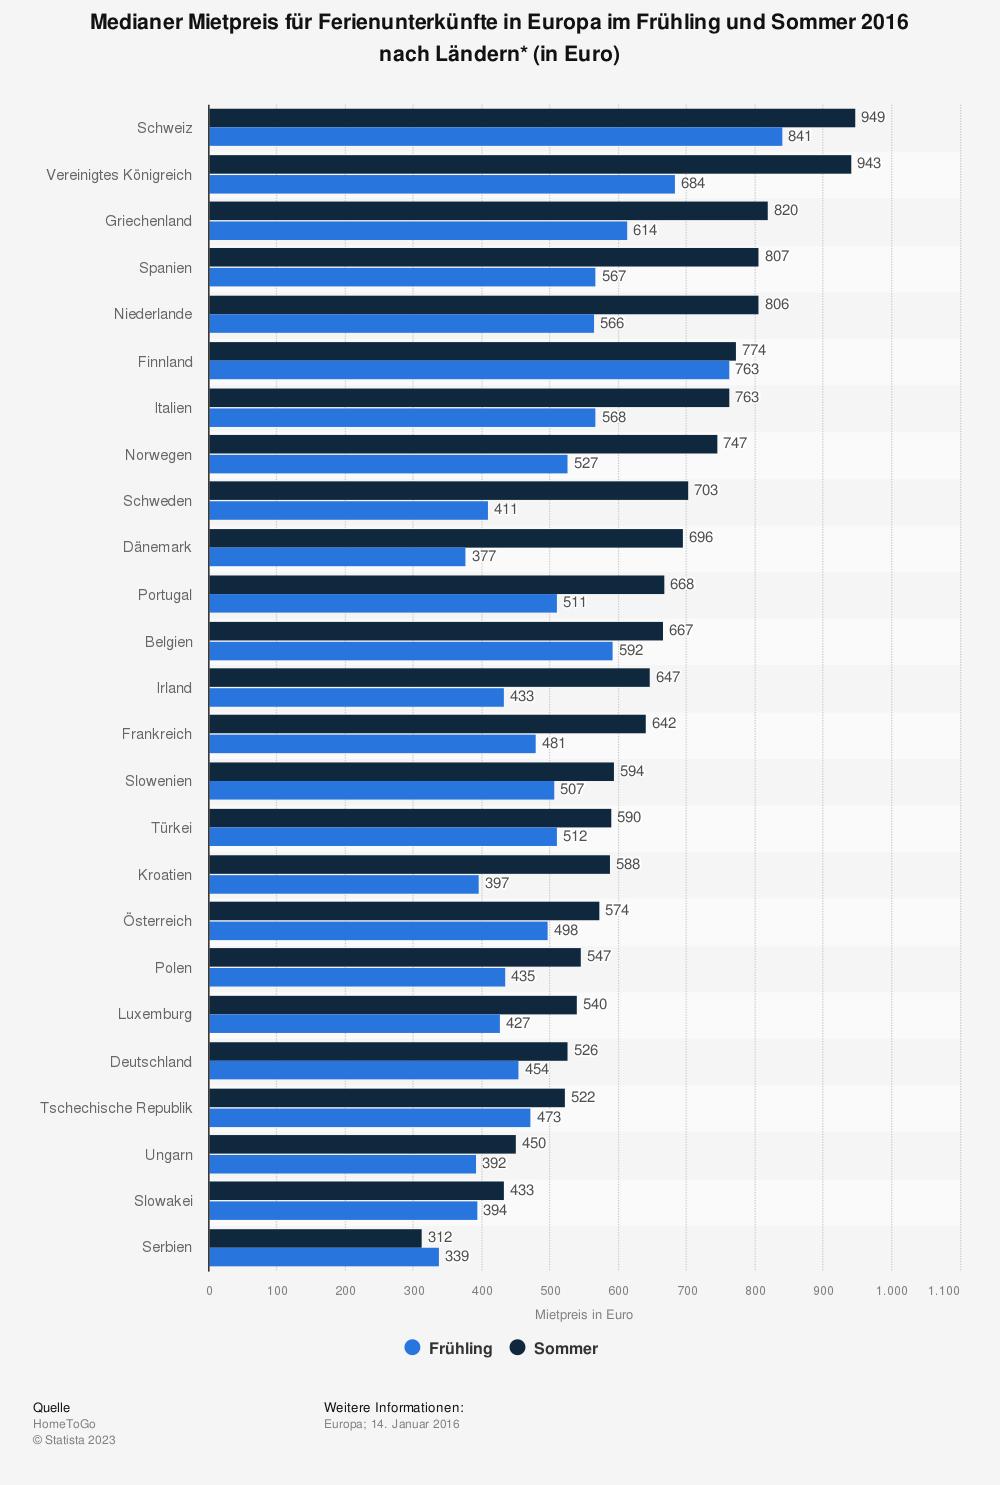 Statistik: Medianer Mietpreis für Ferienunterkünfte in Europa im Frühling und Sommer 2016 nach Ländern* (in Euro) | Statista